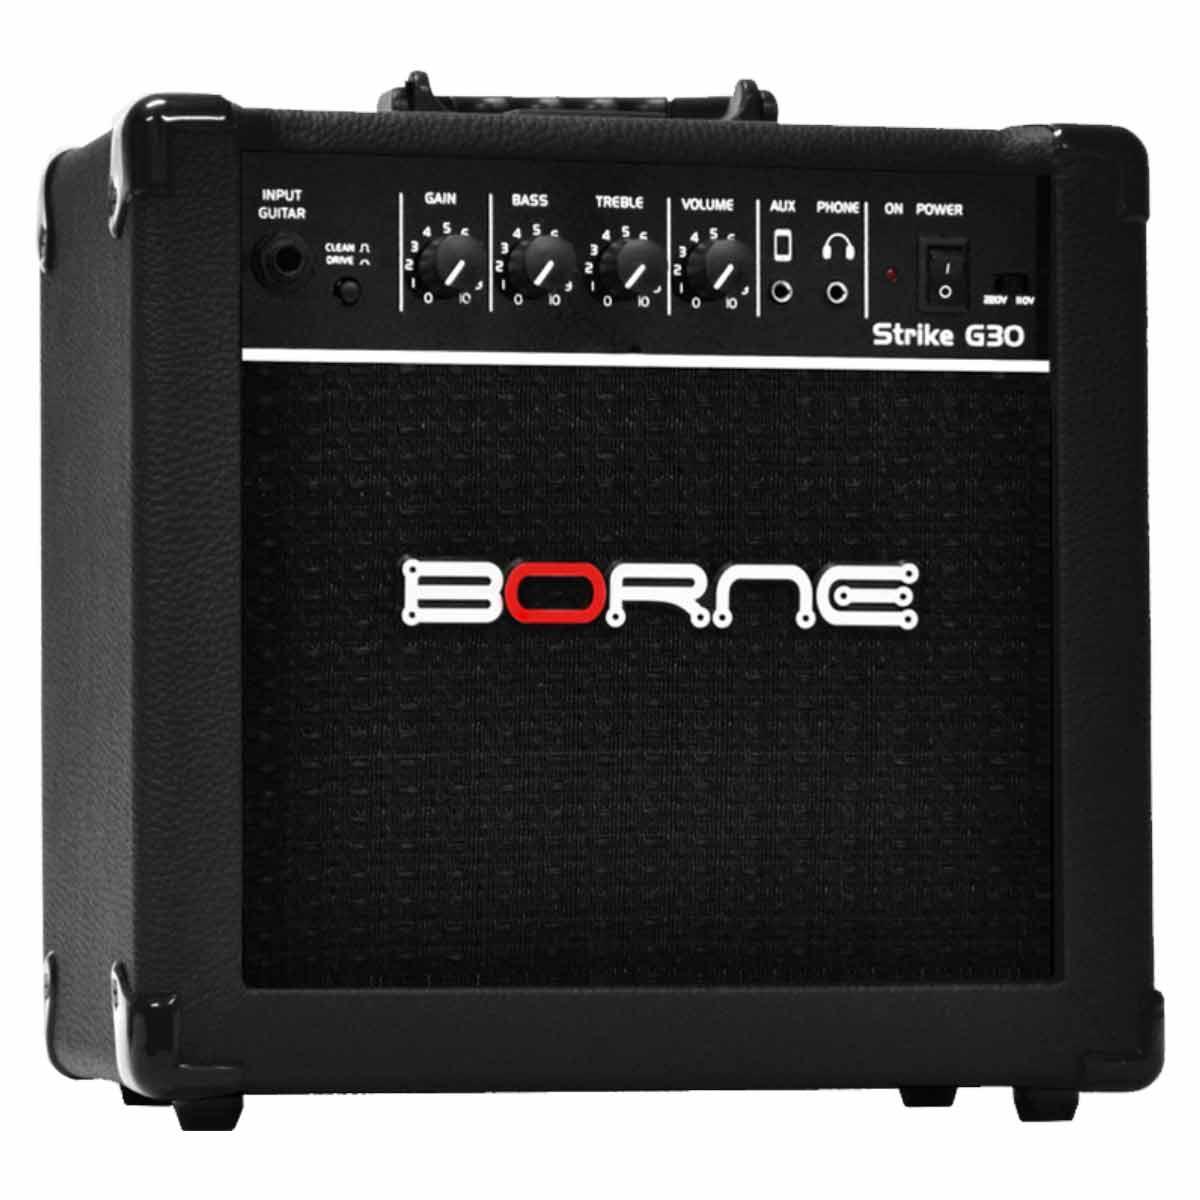 Amplificador Combo p/ Guitarra Strike G 30 Preto - Borne